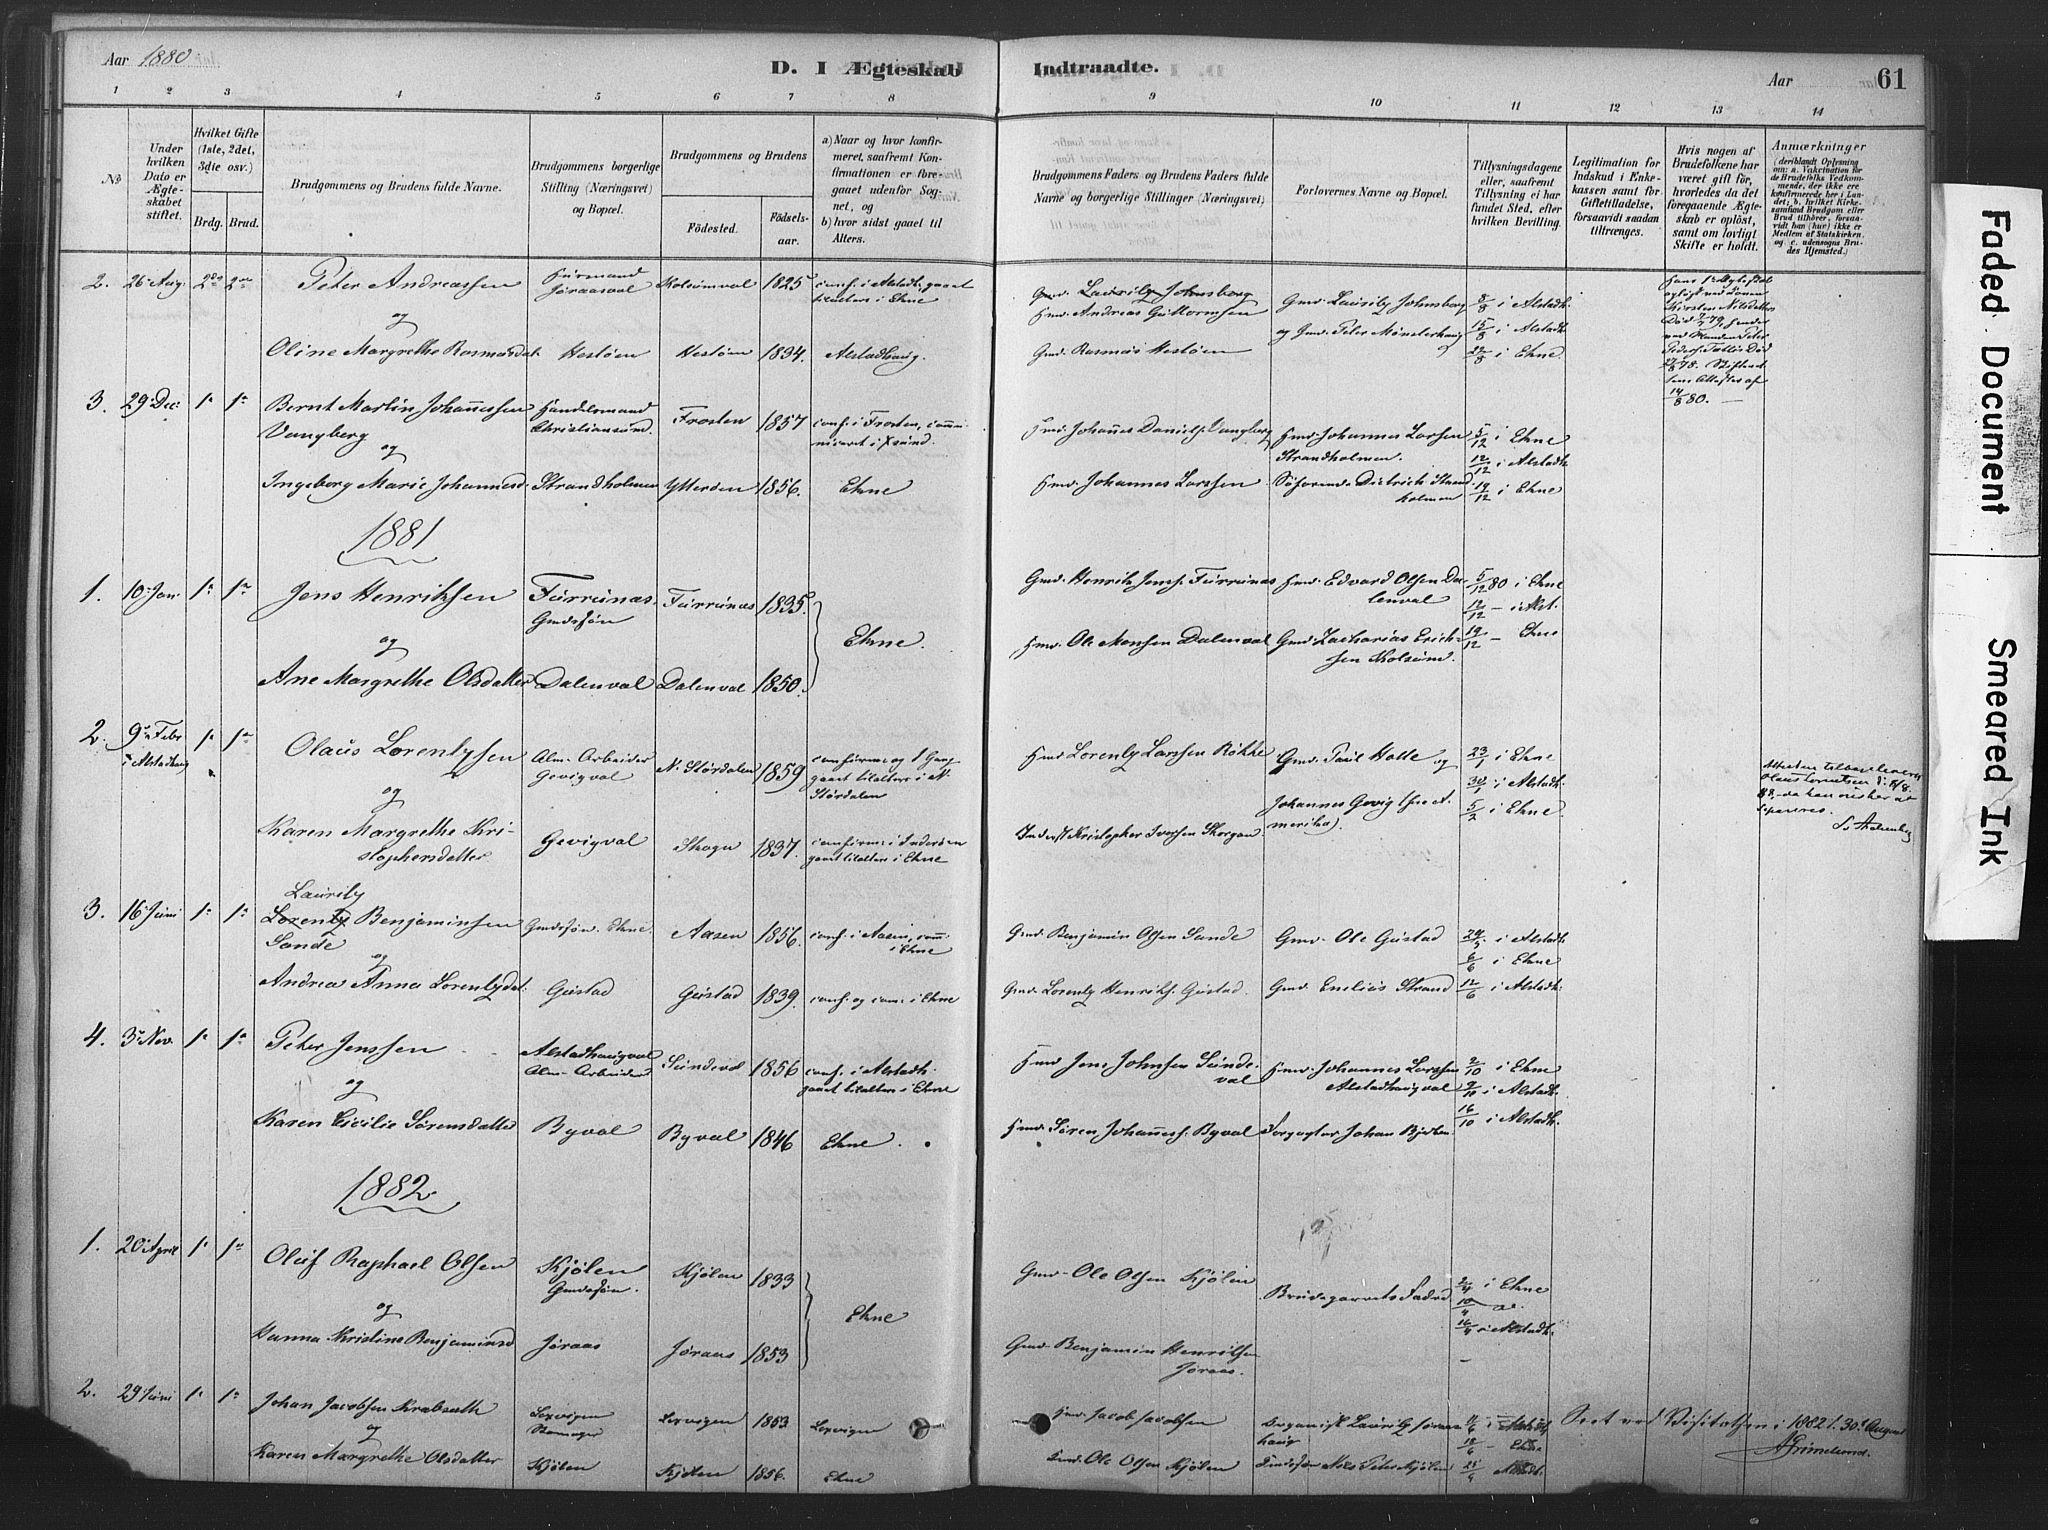 SAT, Ministerialprotokoller, klokkerbøker og fødselsregistre - Nord-Trøndelag, 719/L0178: Ministerialbok nr. 719A01, 1878-1900, s. 61